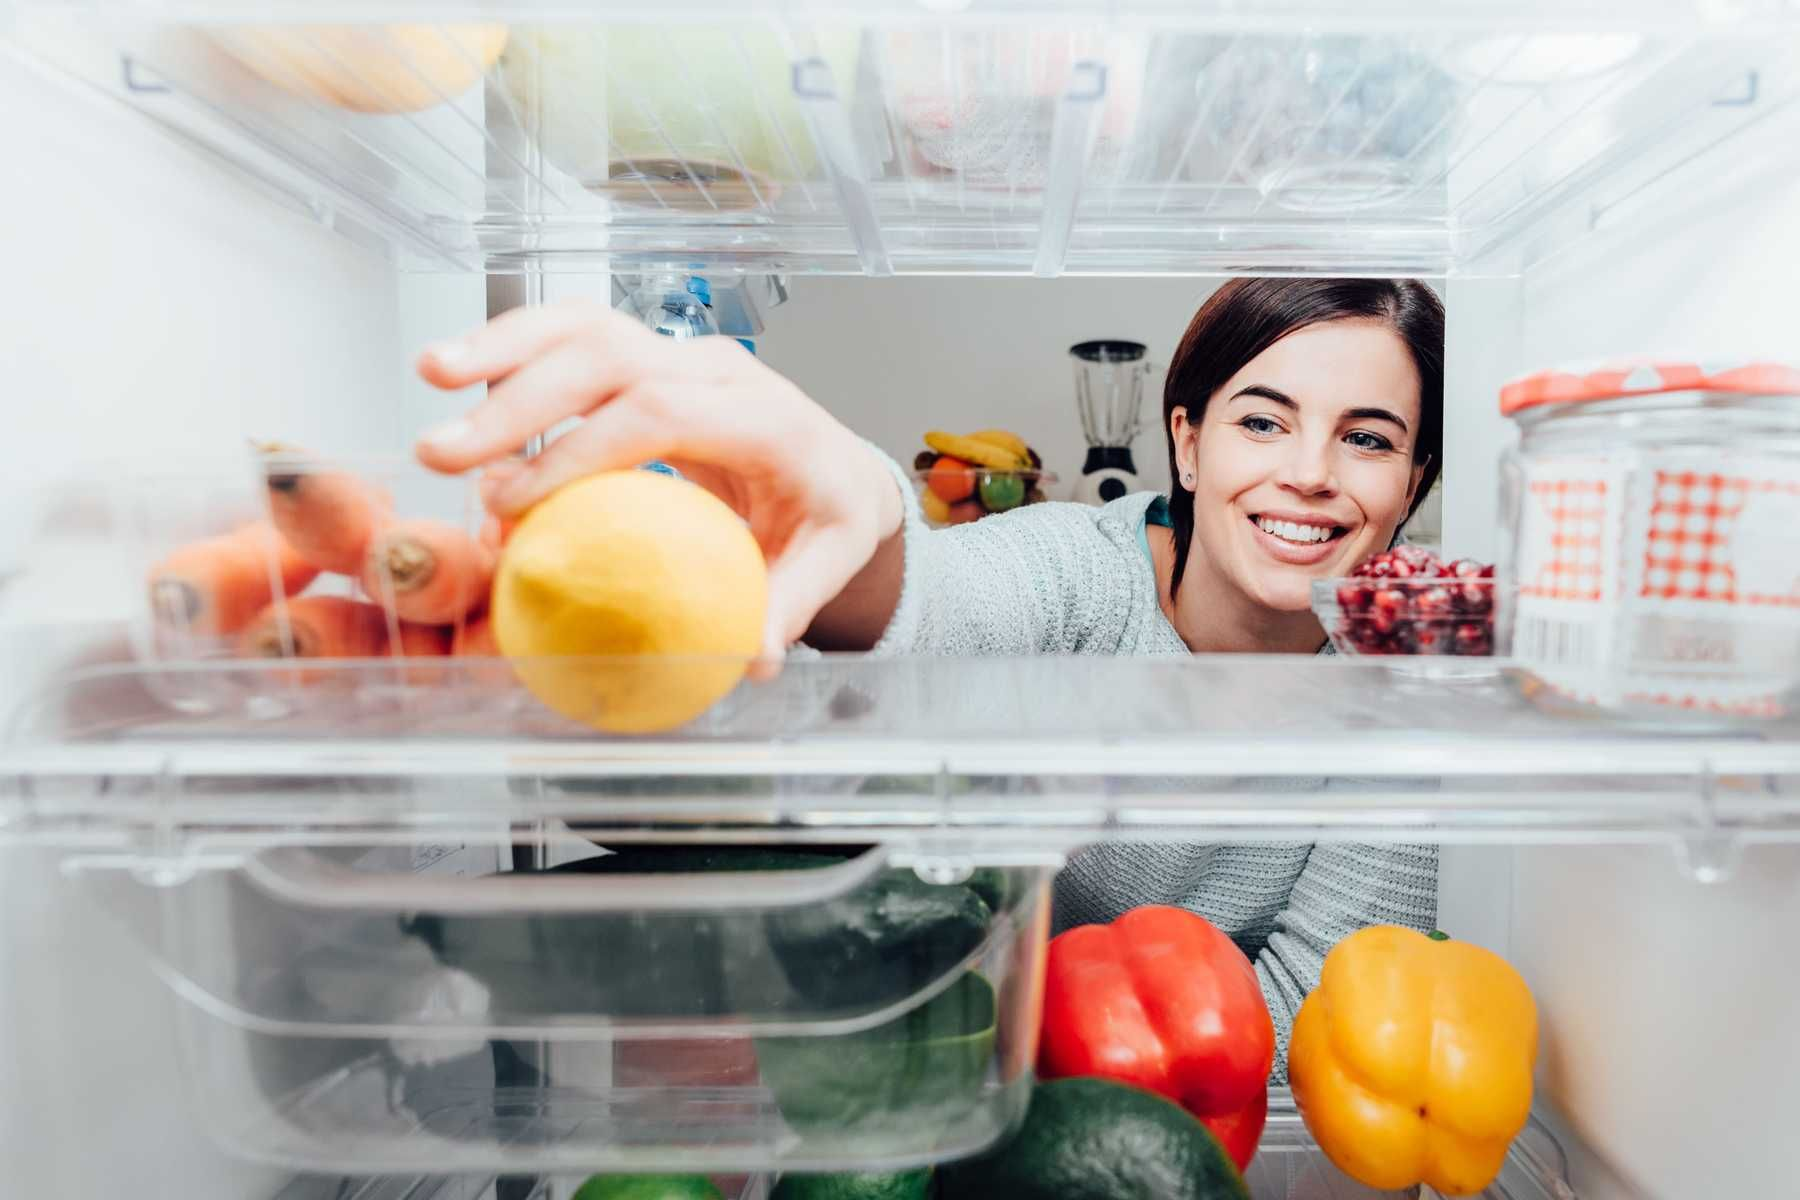 #3 Cách bảo quản rau trong tủ lạnh gây hại sức khỏe bạn nên biết